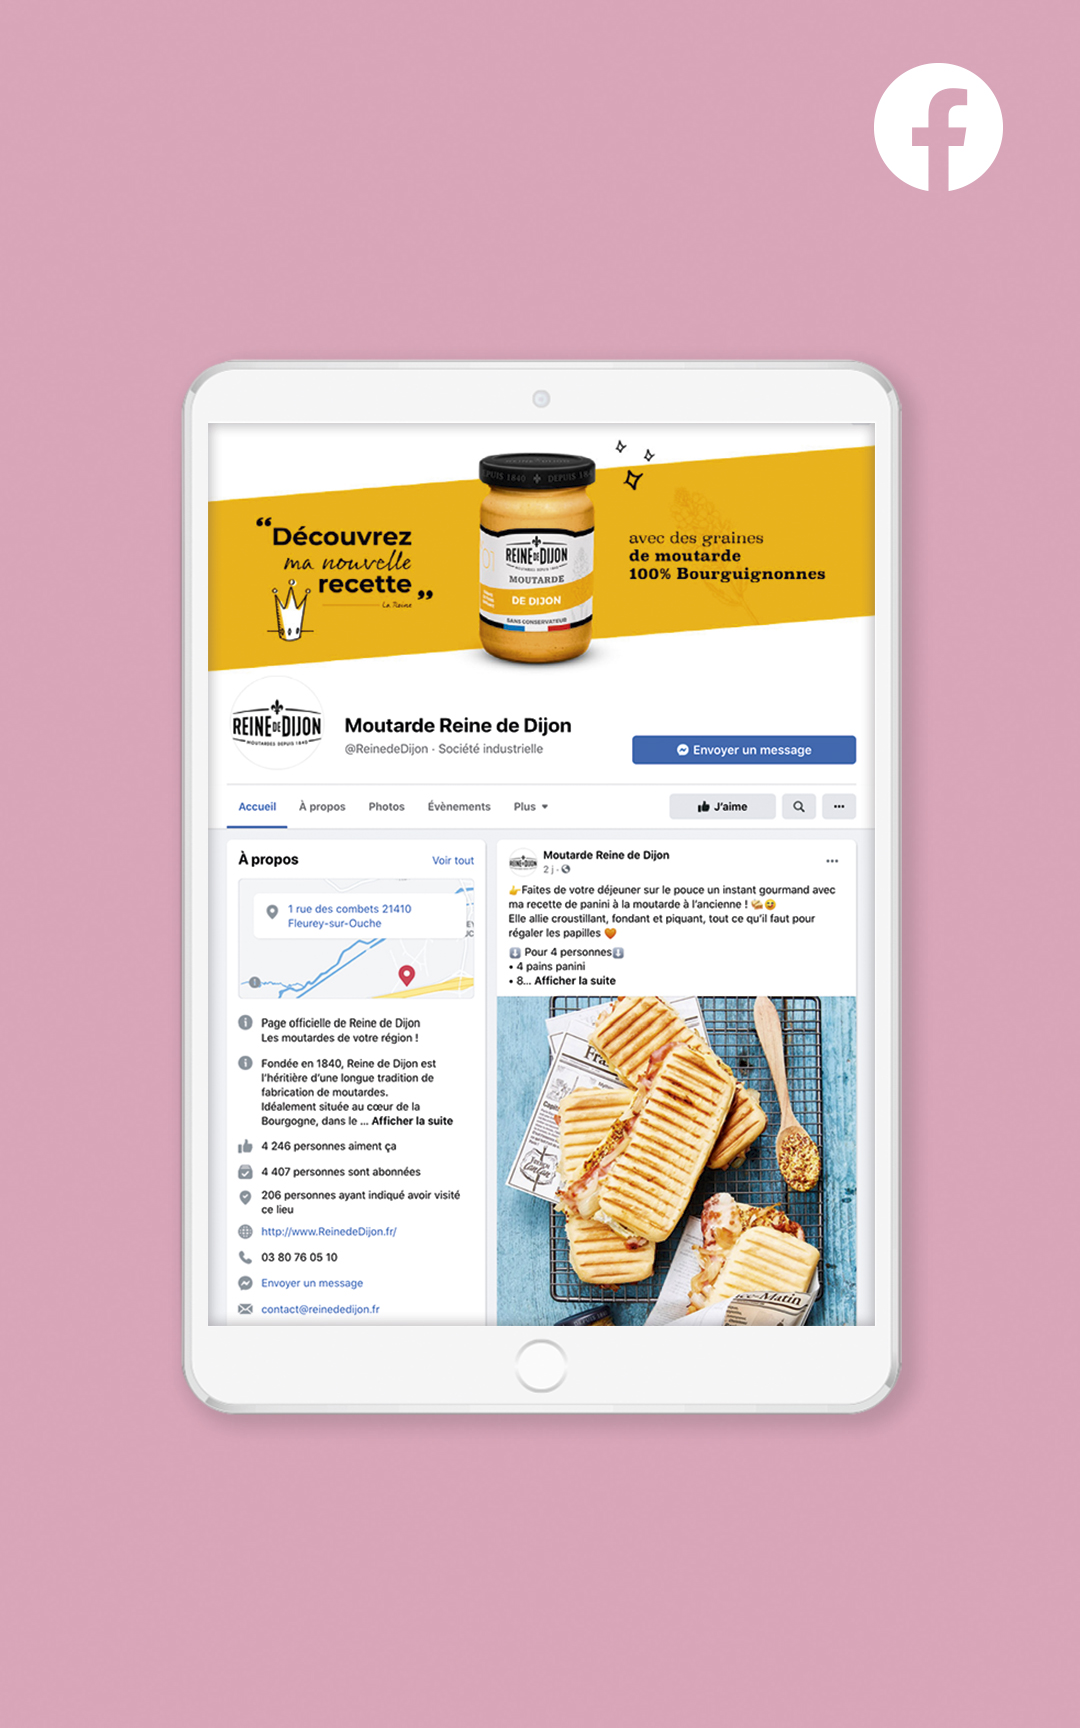 Création d'un compte Facebook pour Reine de Dijon